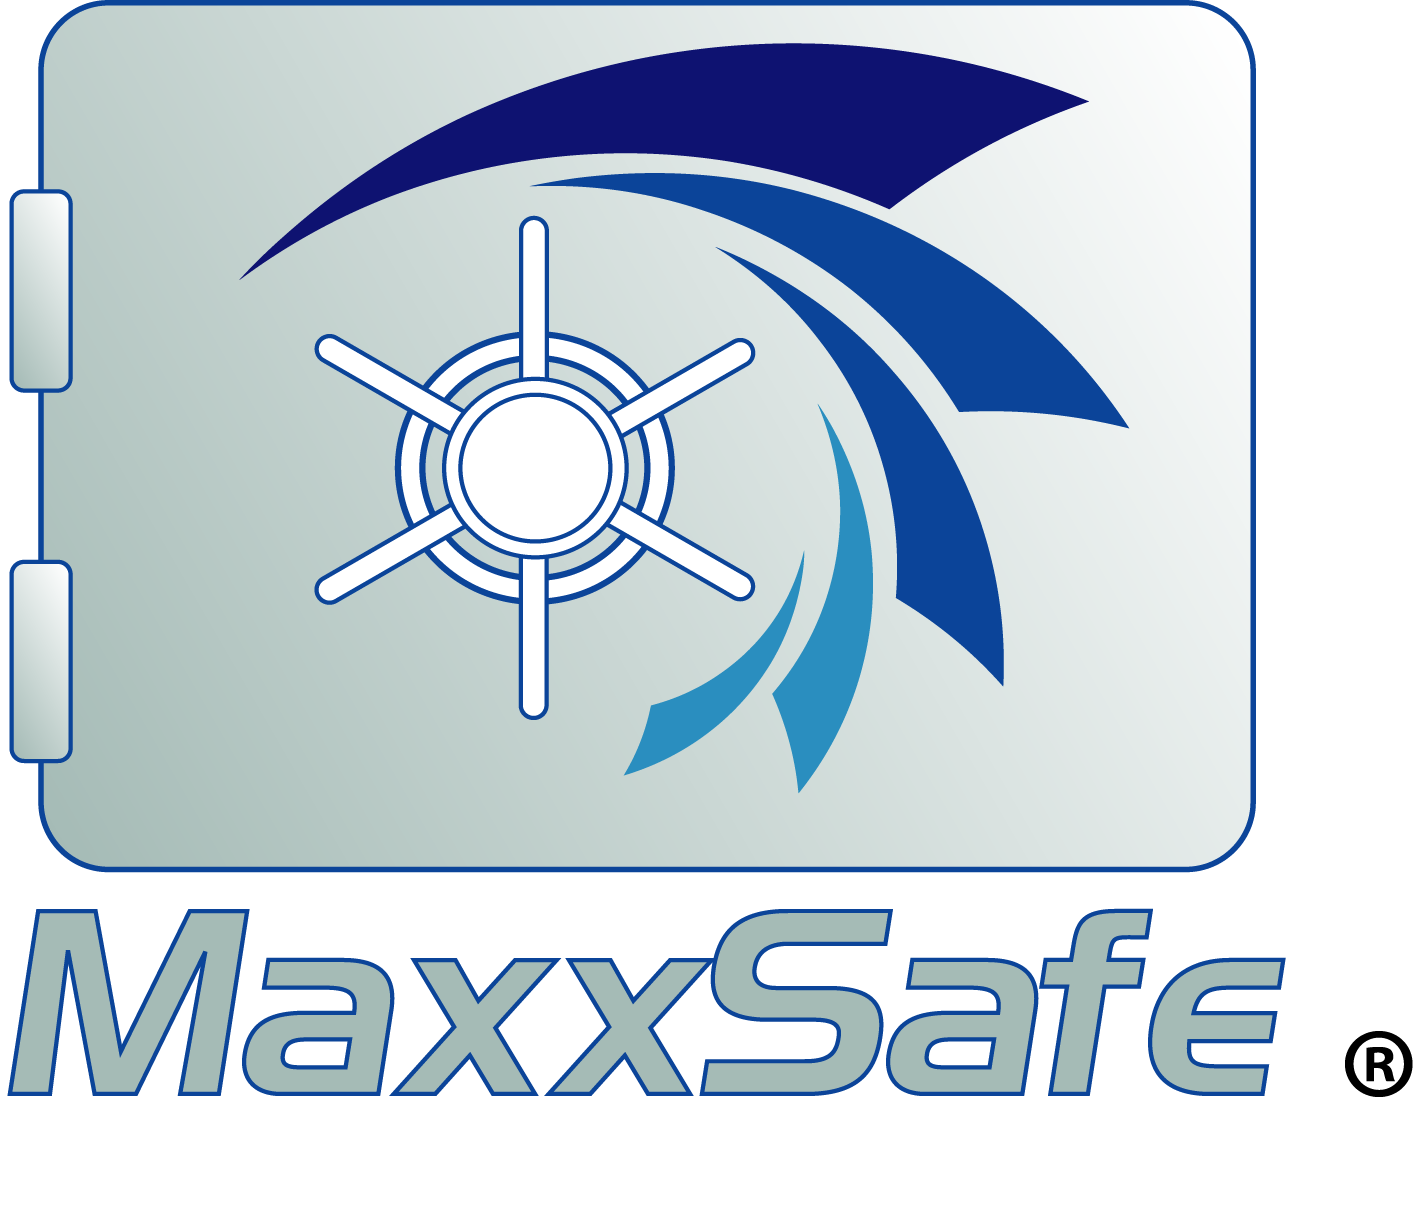 MaxxSafeGraphic